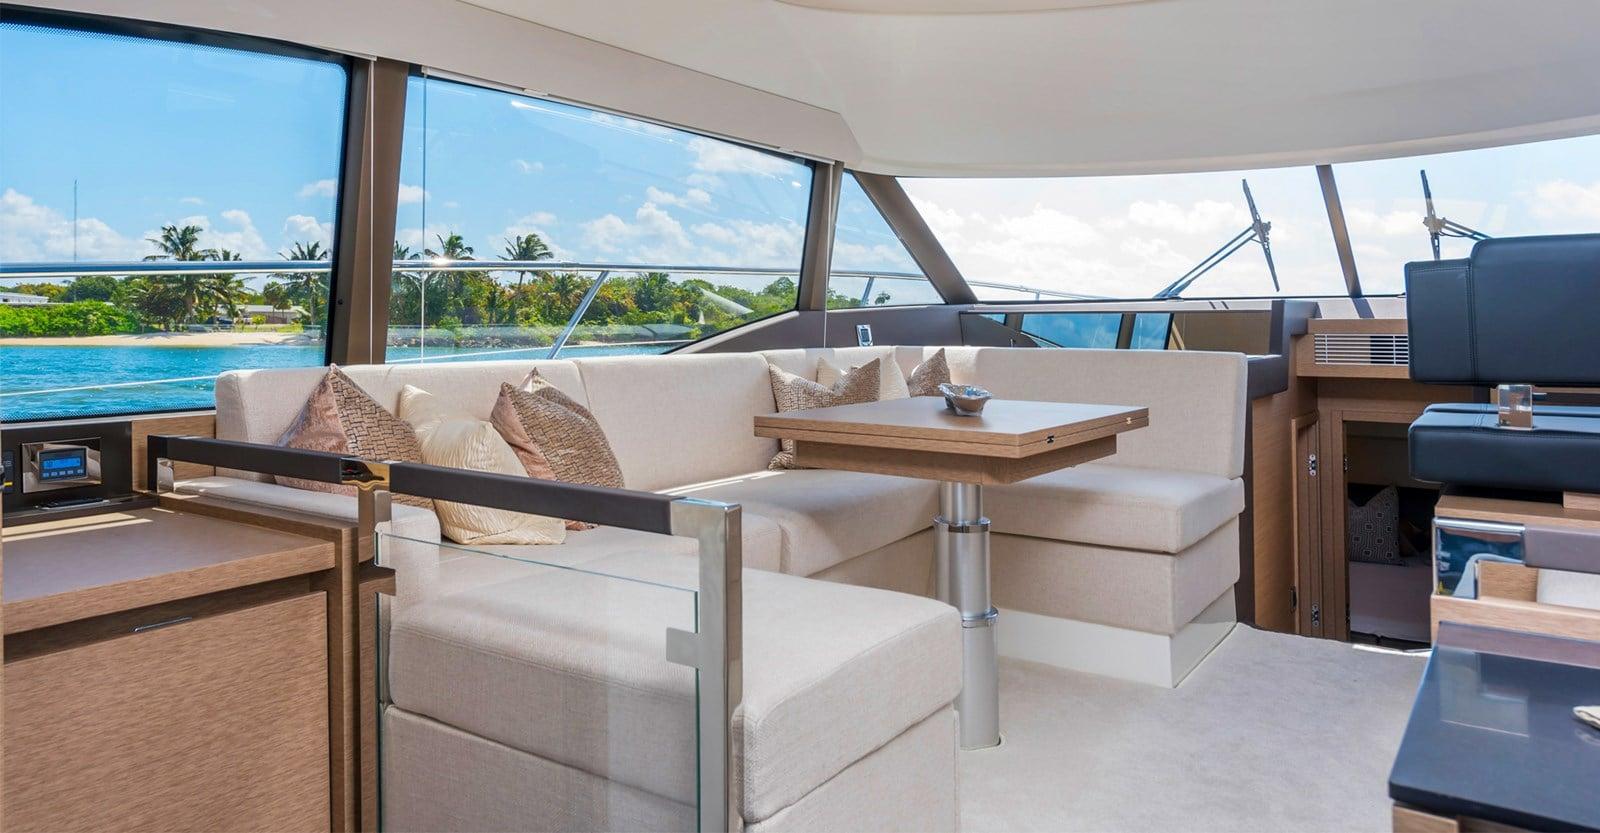 prestige 460 yacht salonjpg